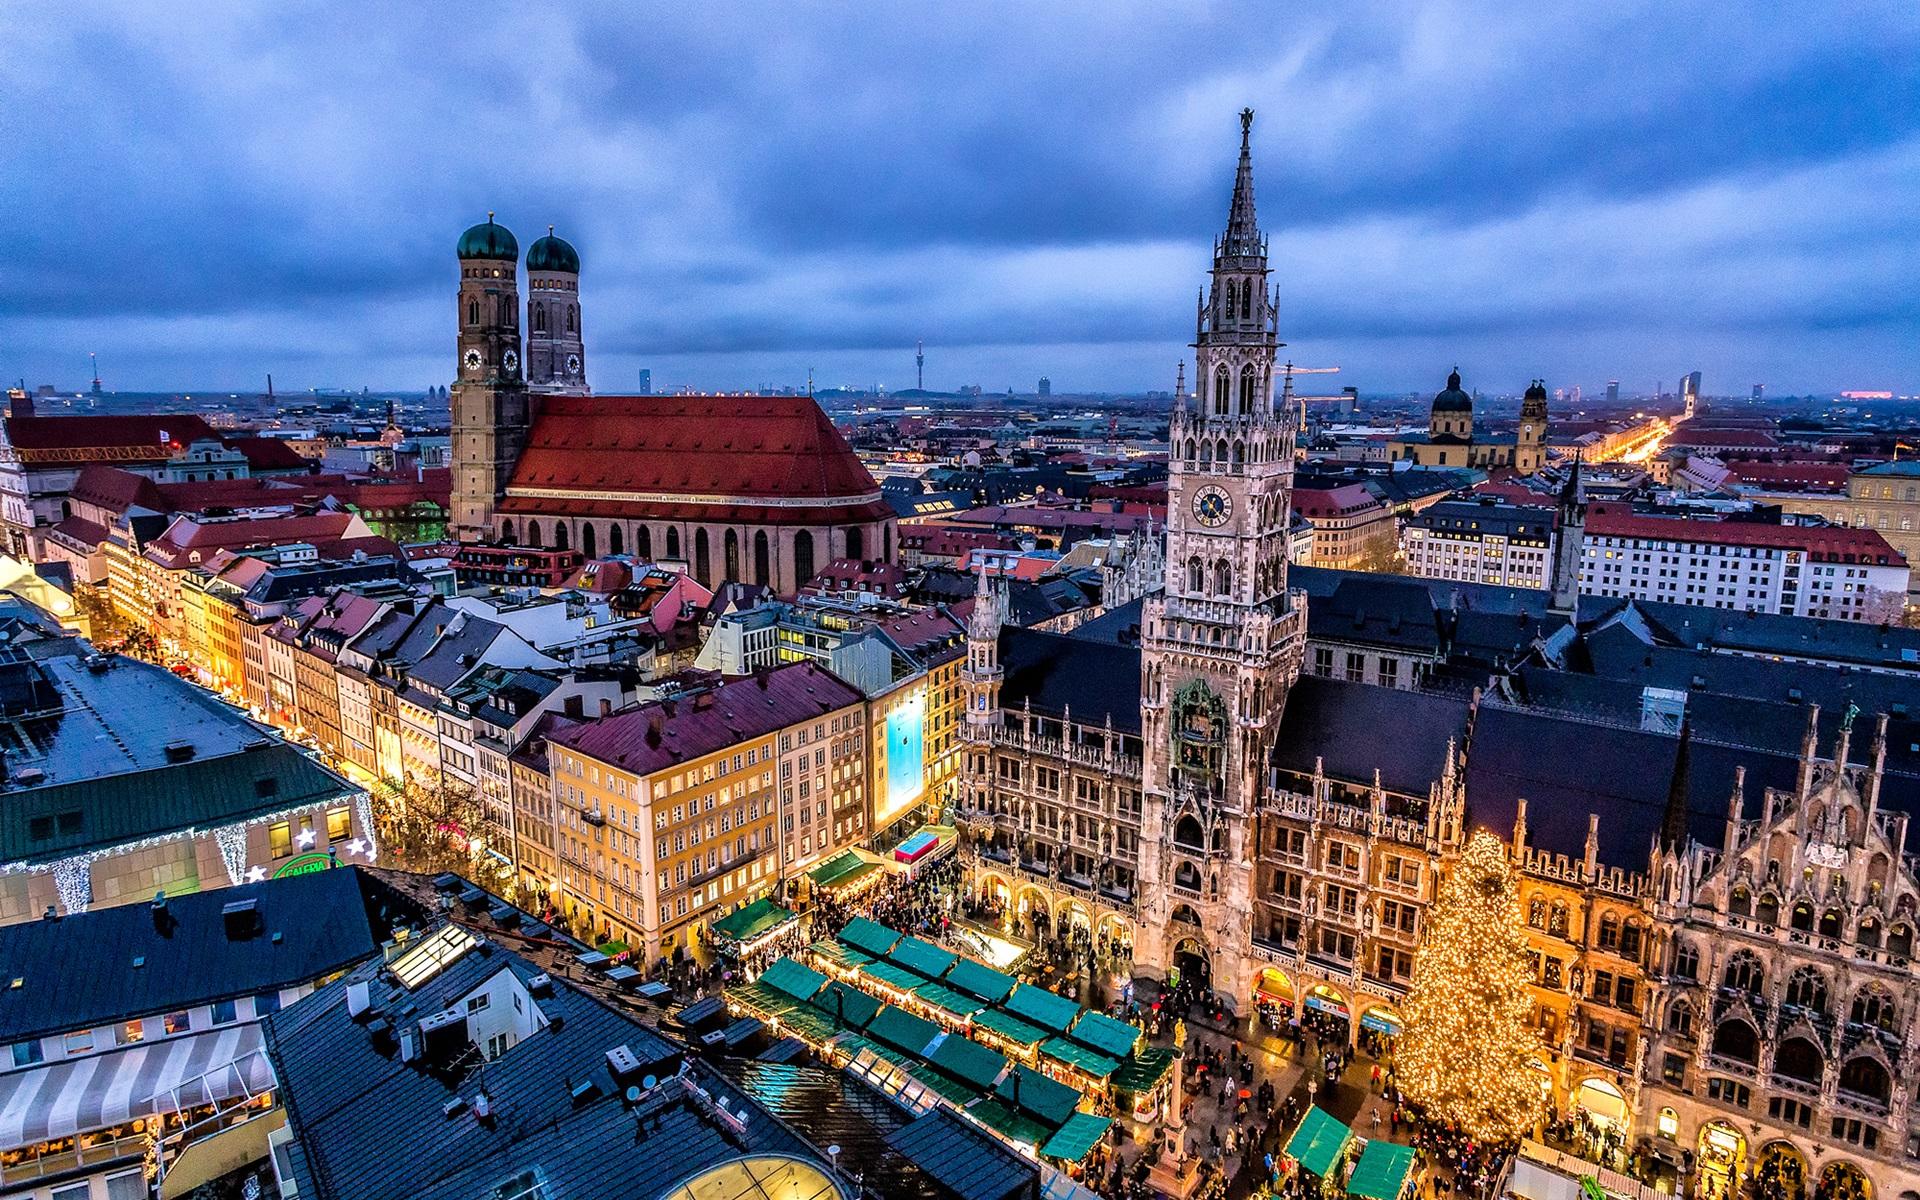 Hintergrundbilder Beschreibung: München, Deutschland, Stadt, Nacht ...